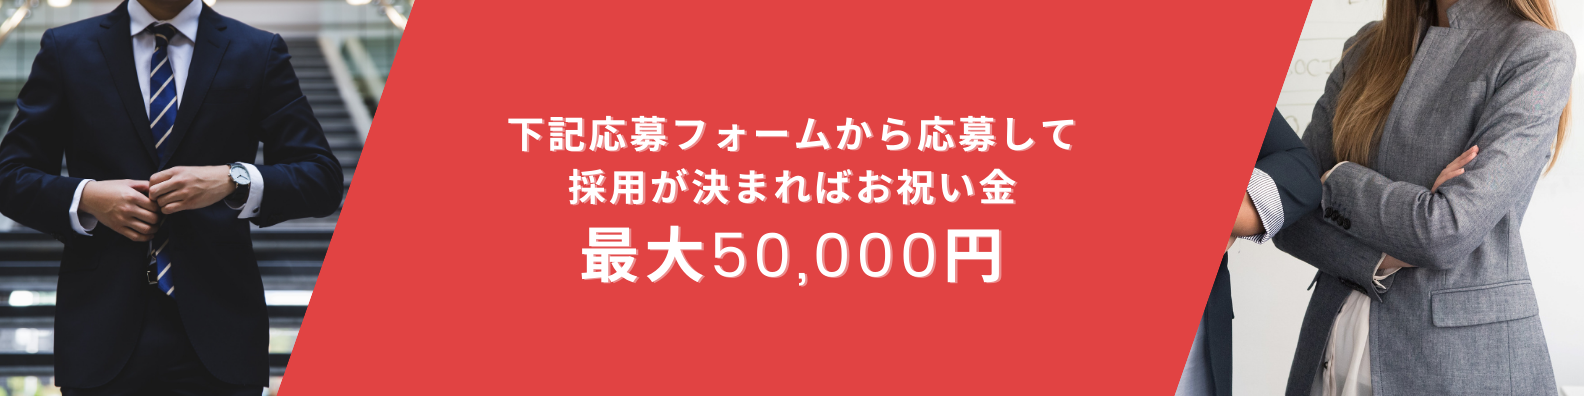 下記応募フォームから応募して採用が決まればお祝い金最大50000円